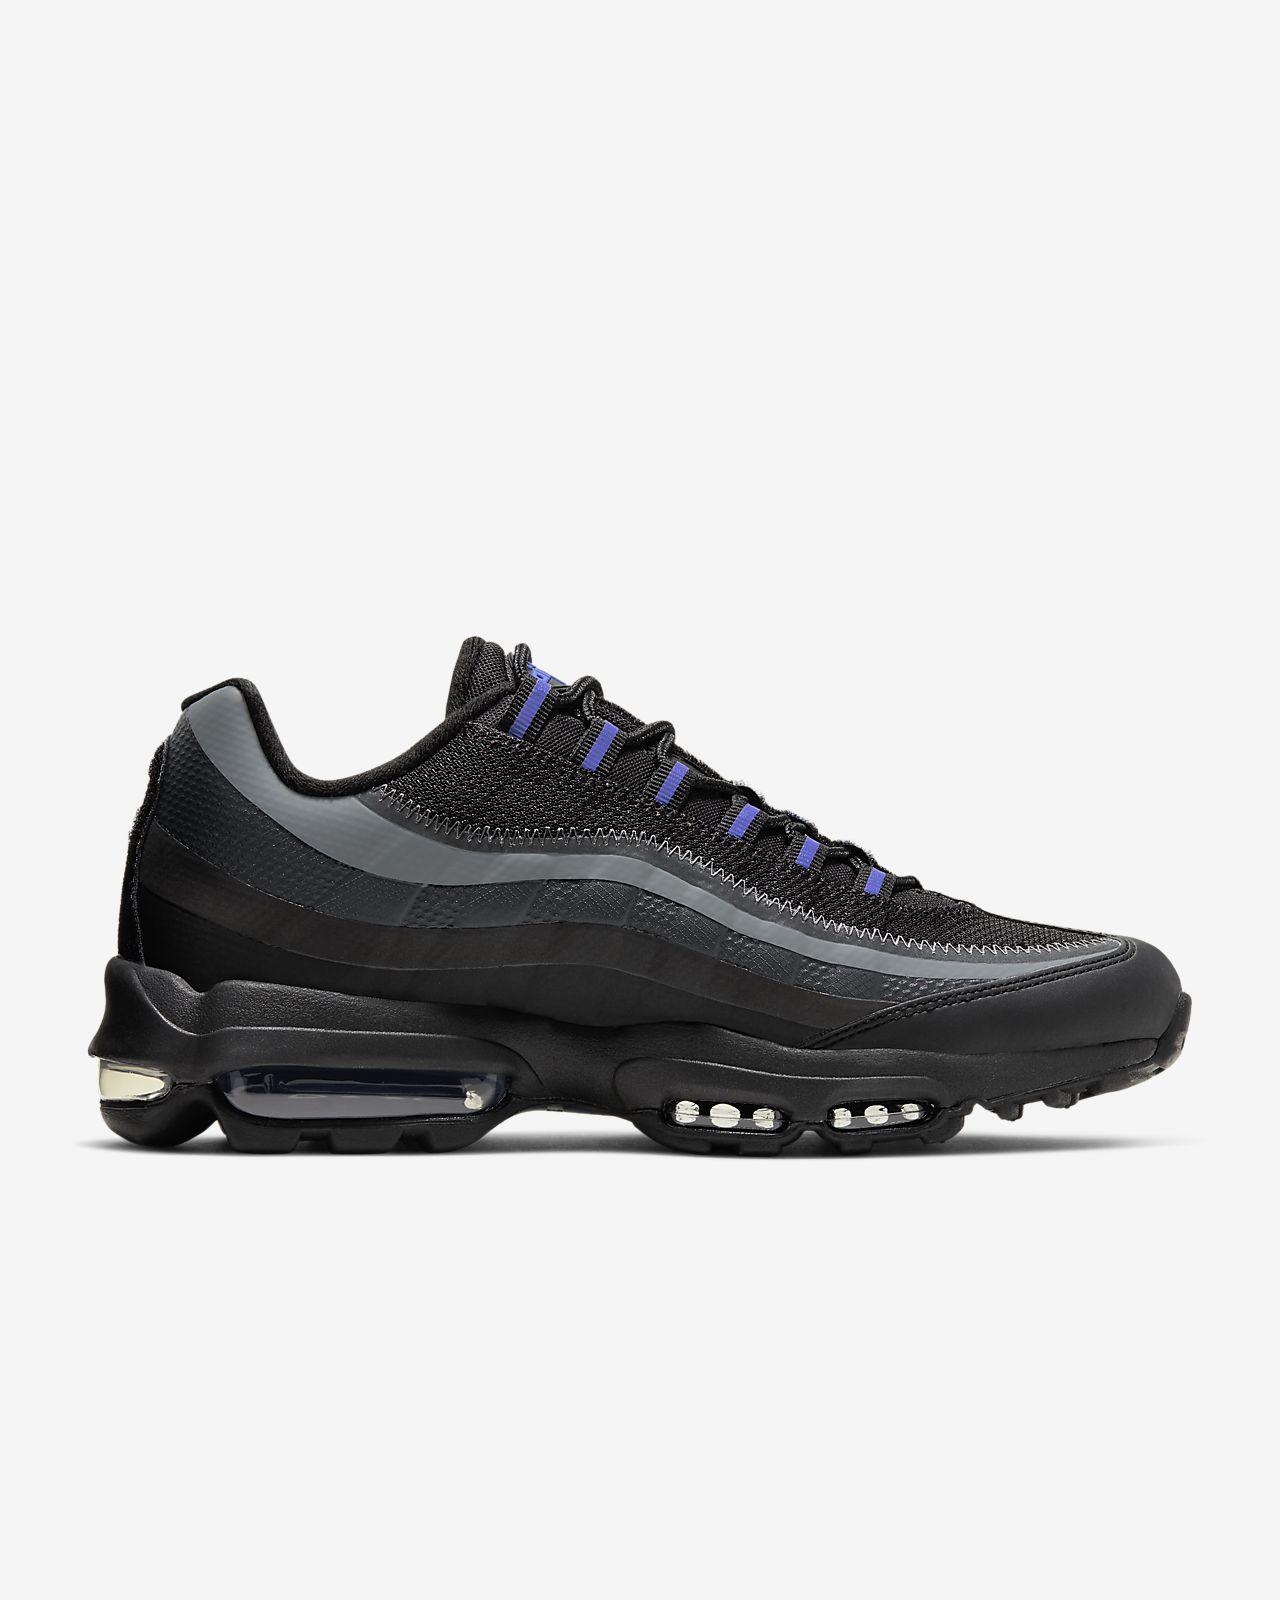 nike air max 95 black blue